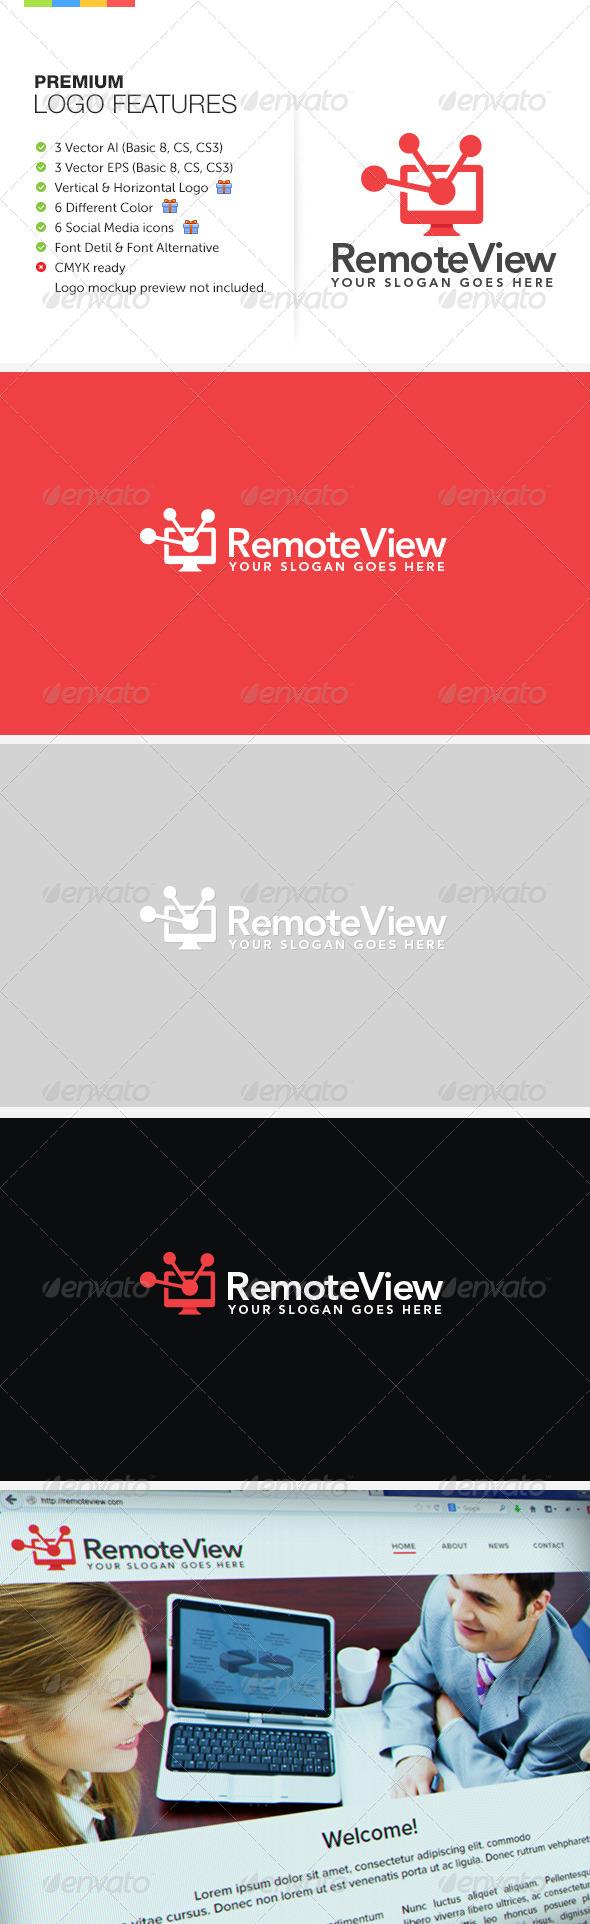 GraphicRiver Remote View Logo 7675471